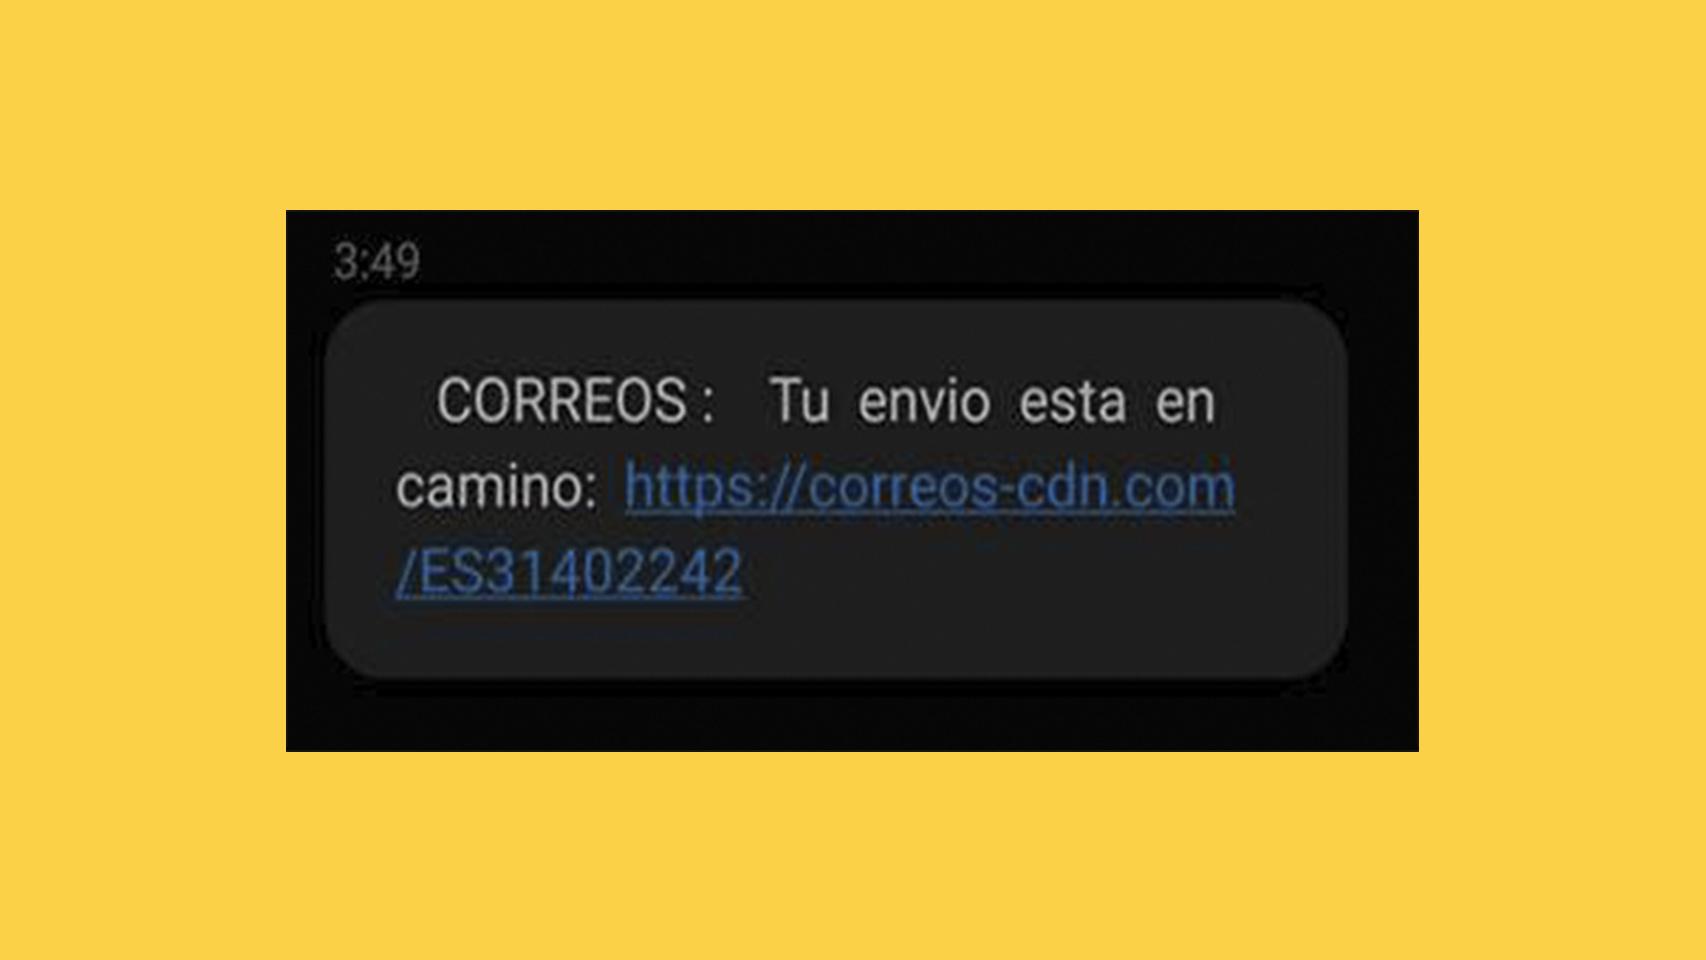 SMS falso de Correos.